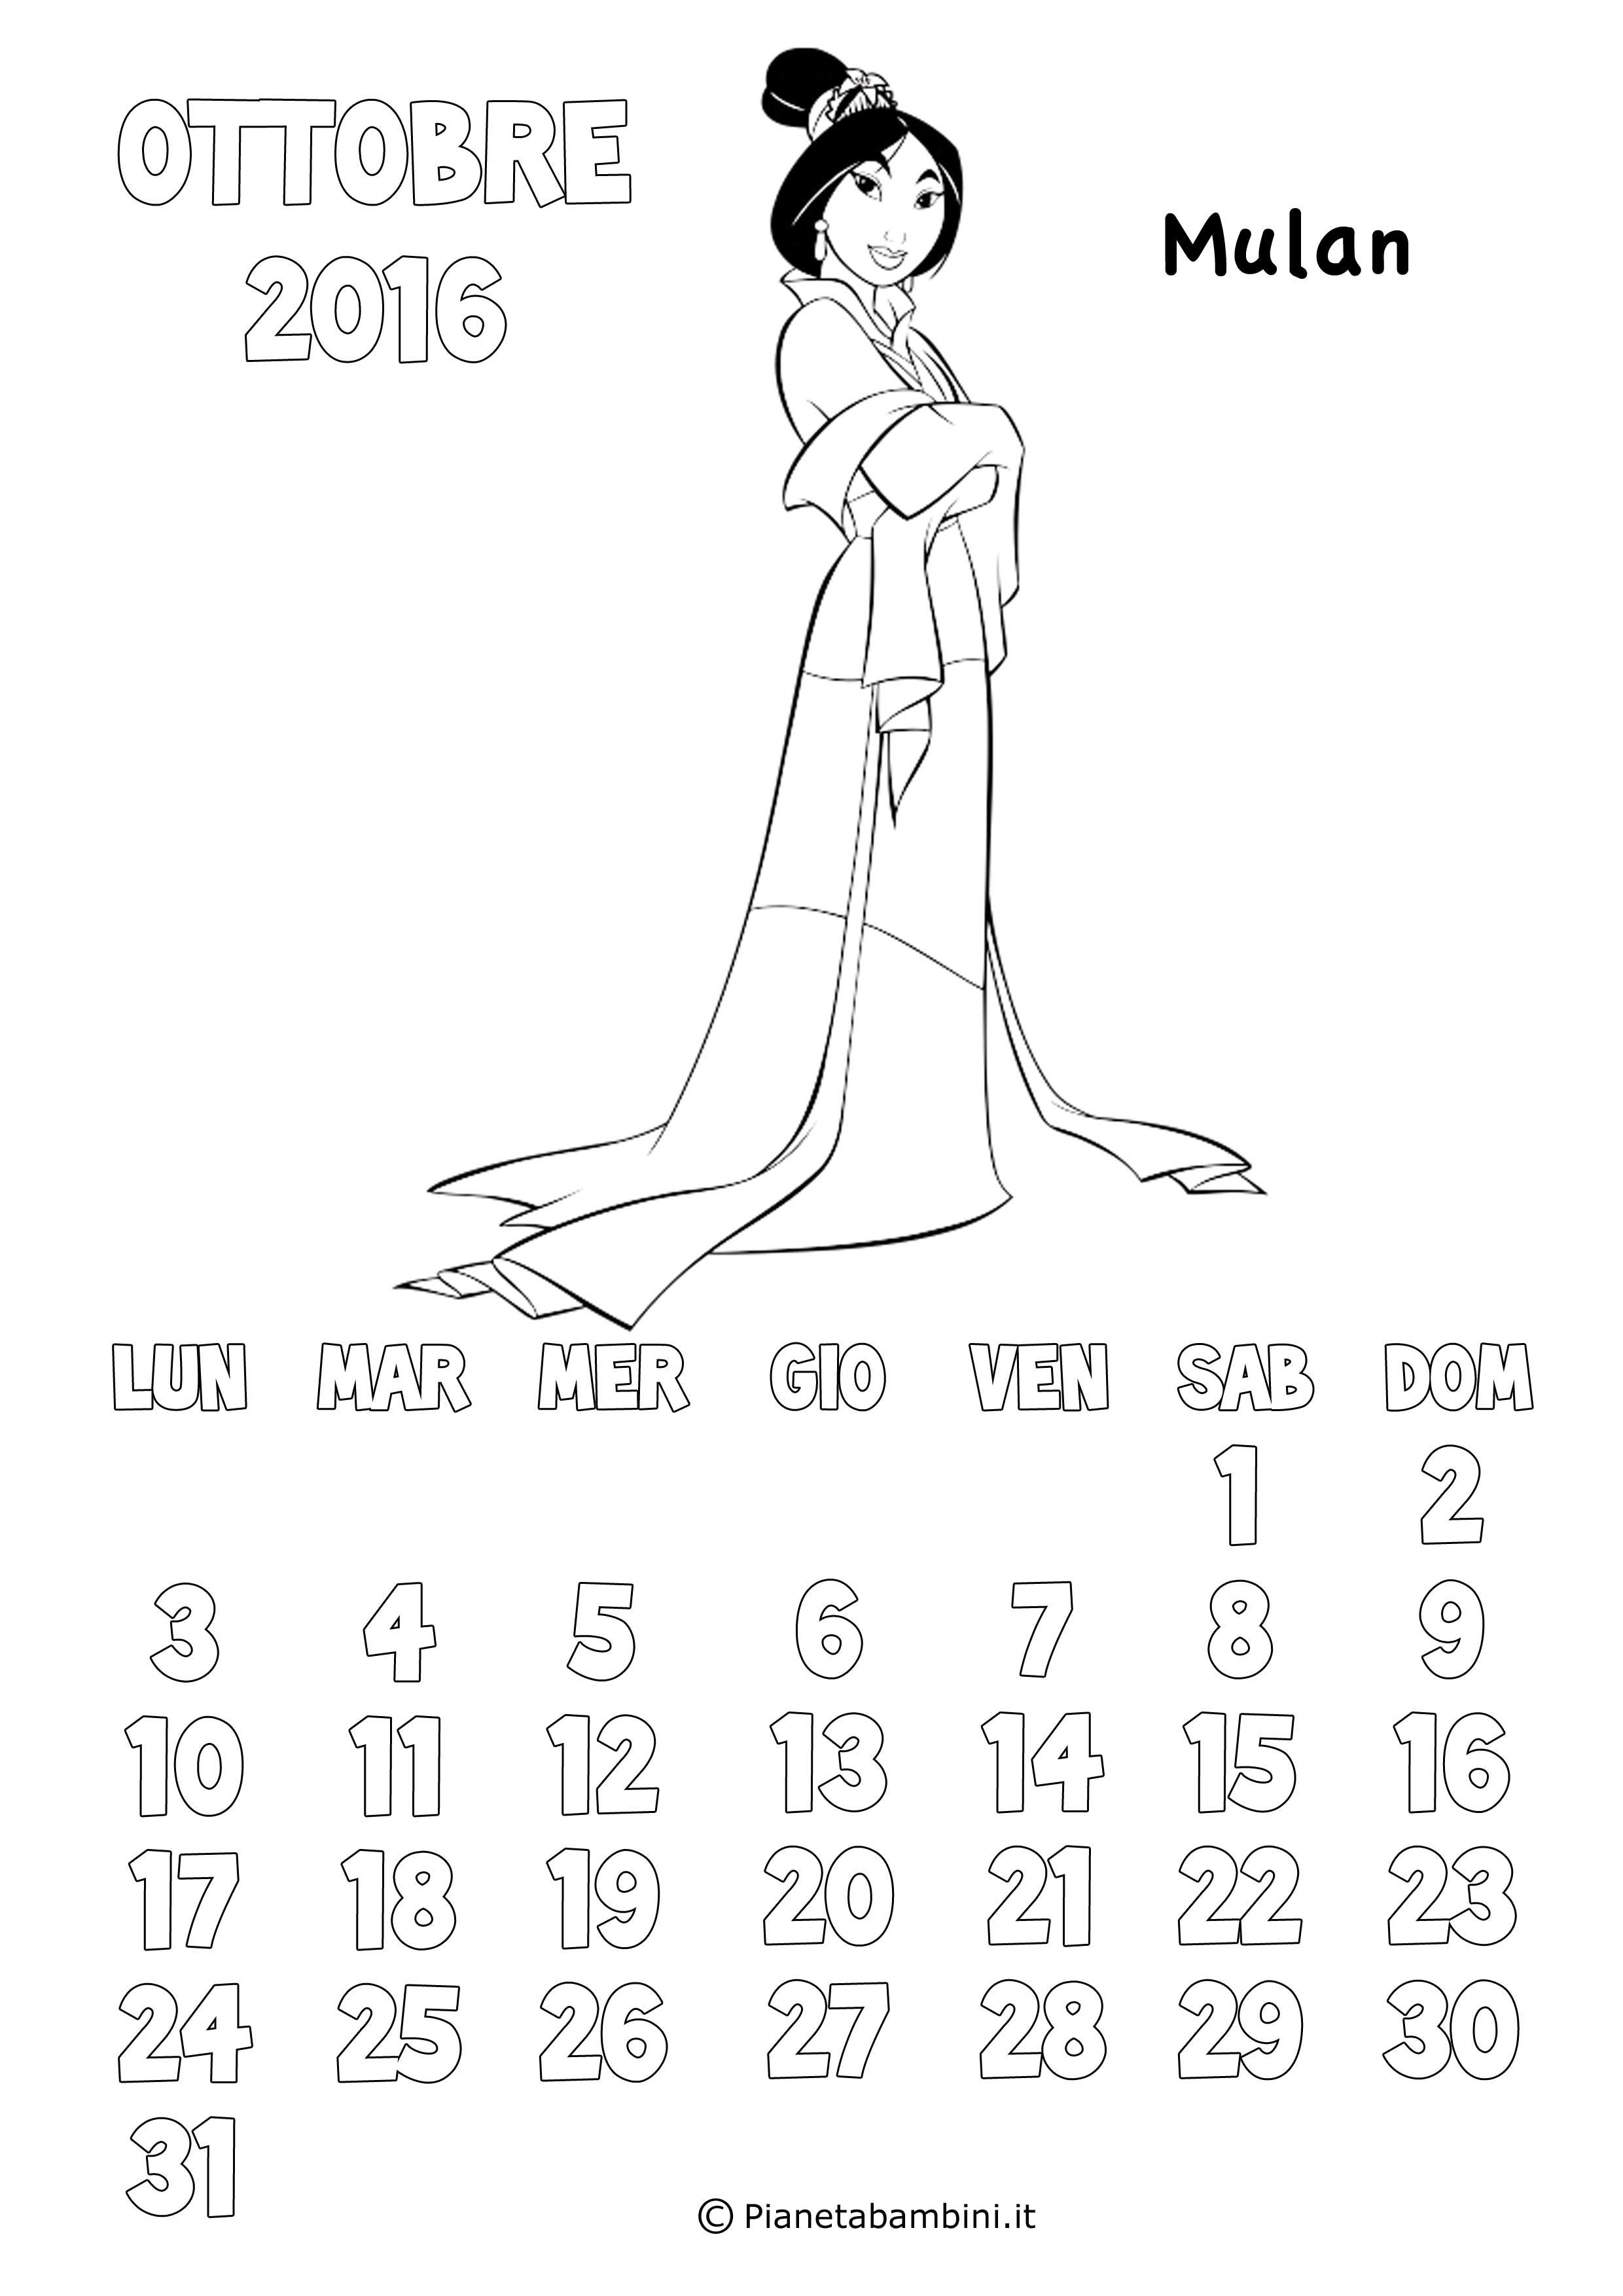 Ottobre-2016-Mulan